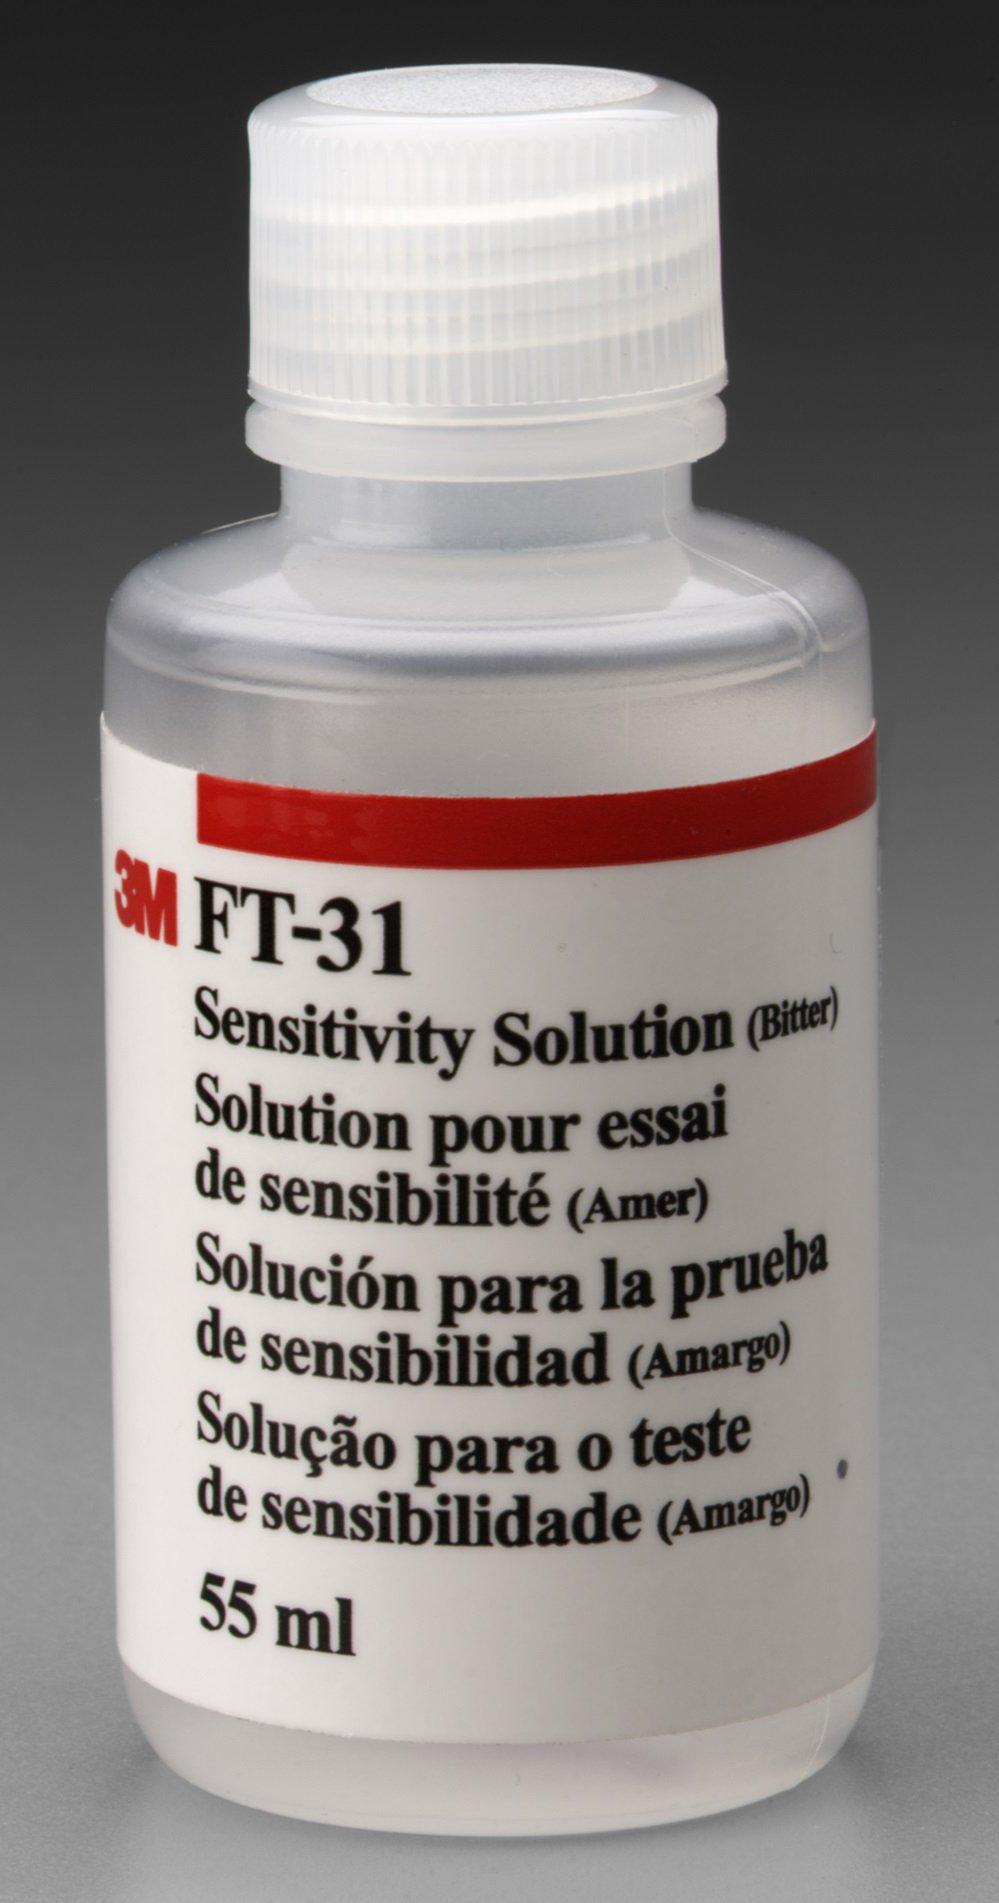 3M Bitter Sensitivity Solution, Bitter, FT-31 - Case of 6